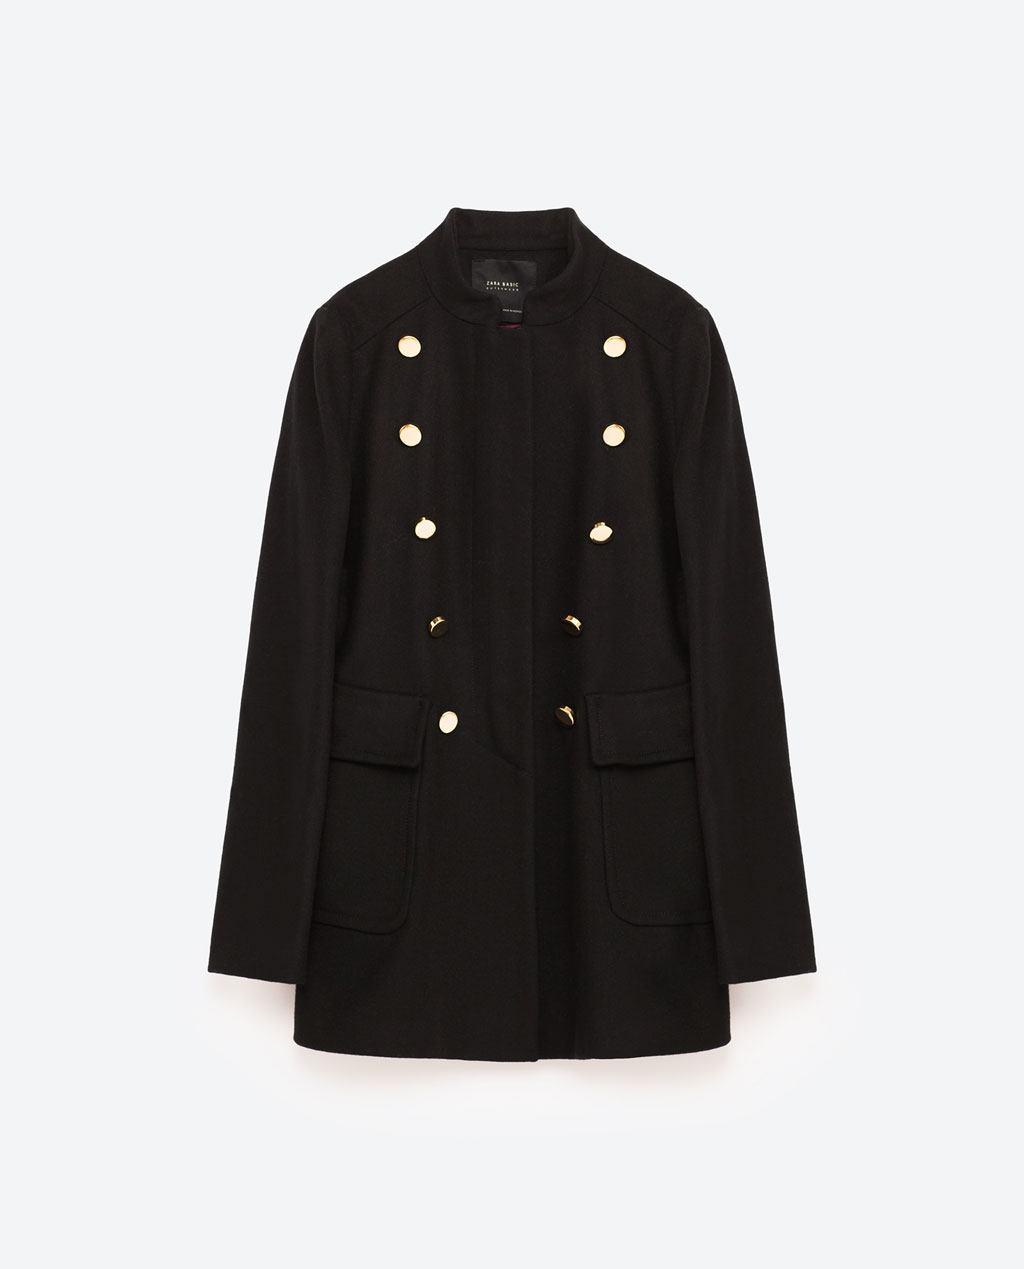 Cappottino stile militare ZARA inverno 2016 2017 prezzo 69 95 euro